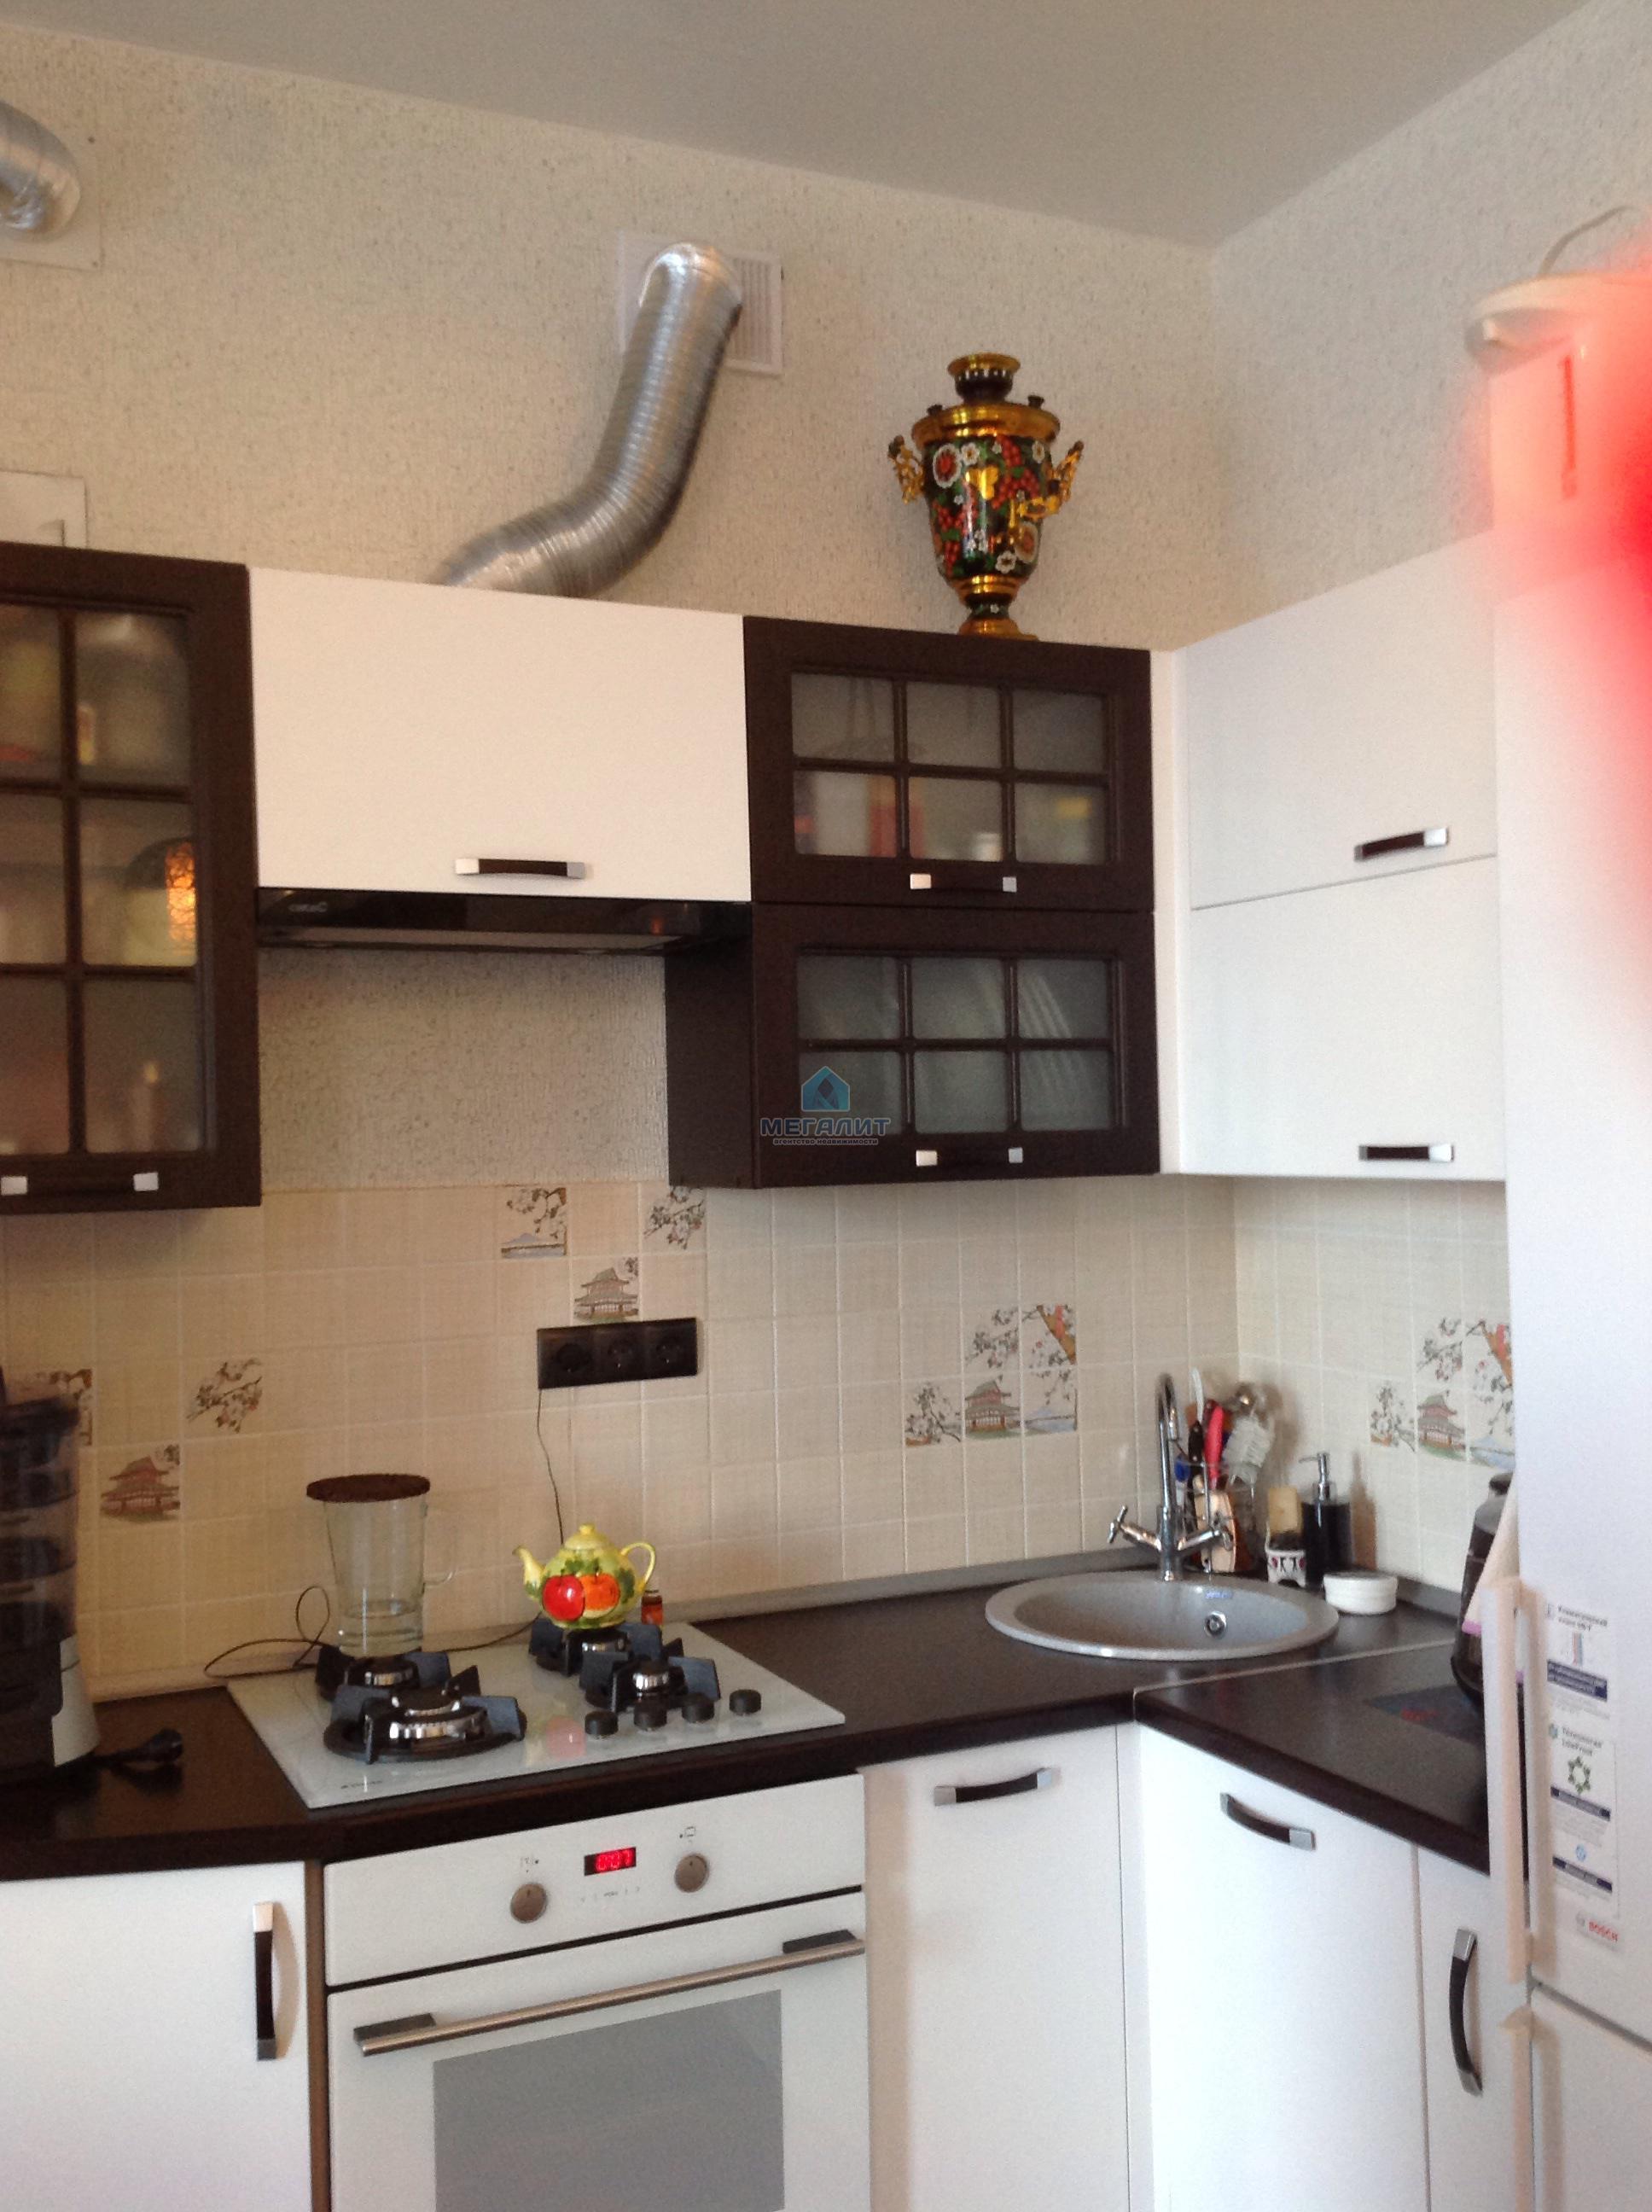 Продажа 1-к квартиры Гоголя 10, 51 м²  (миниатюра №5)